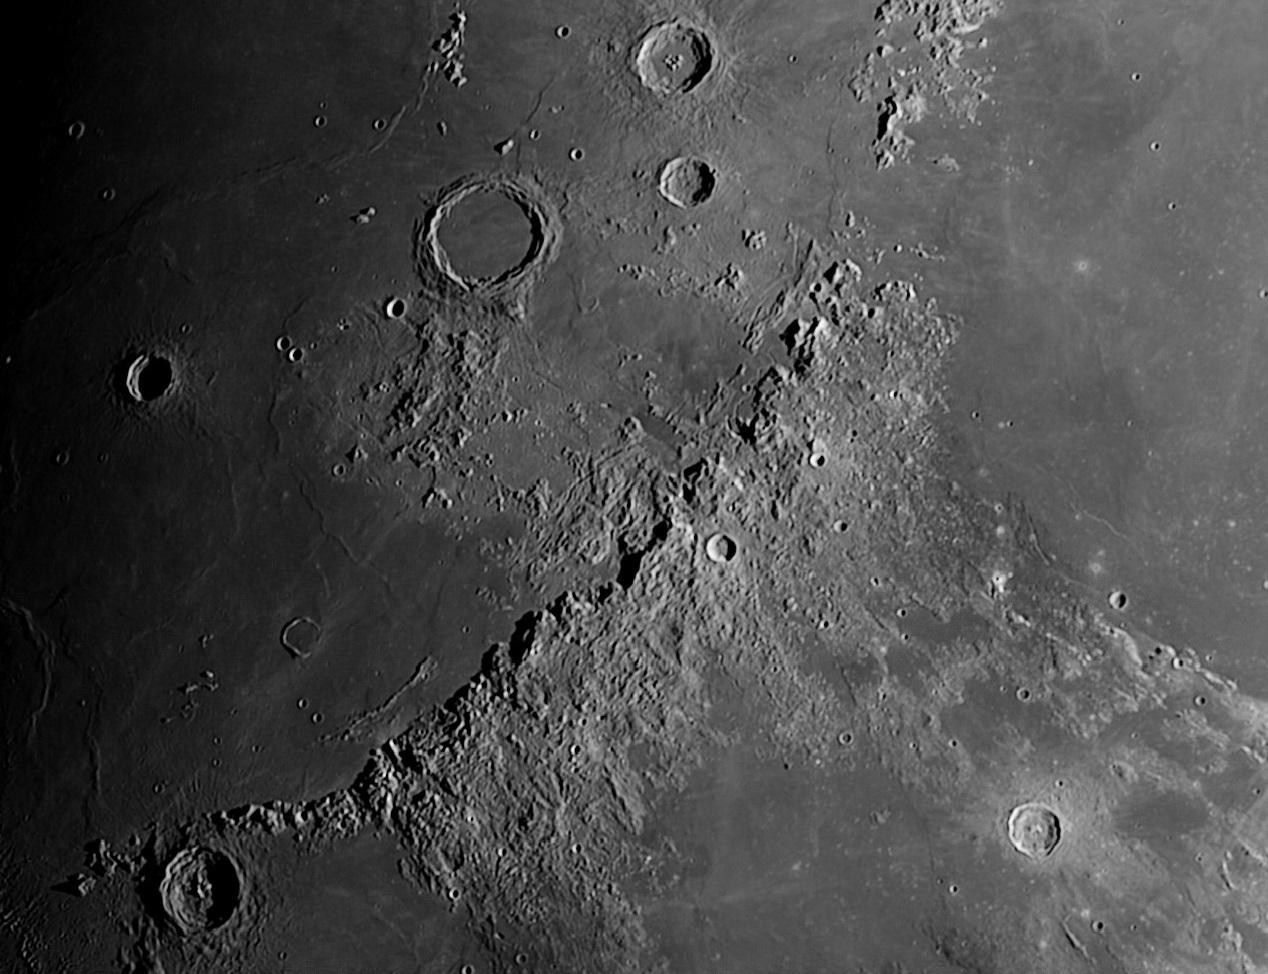 Moon 190039 17 03 2016 Apennine Mountain Range